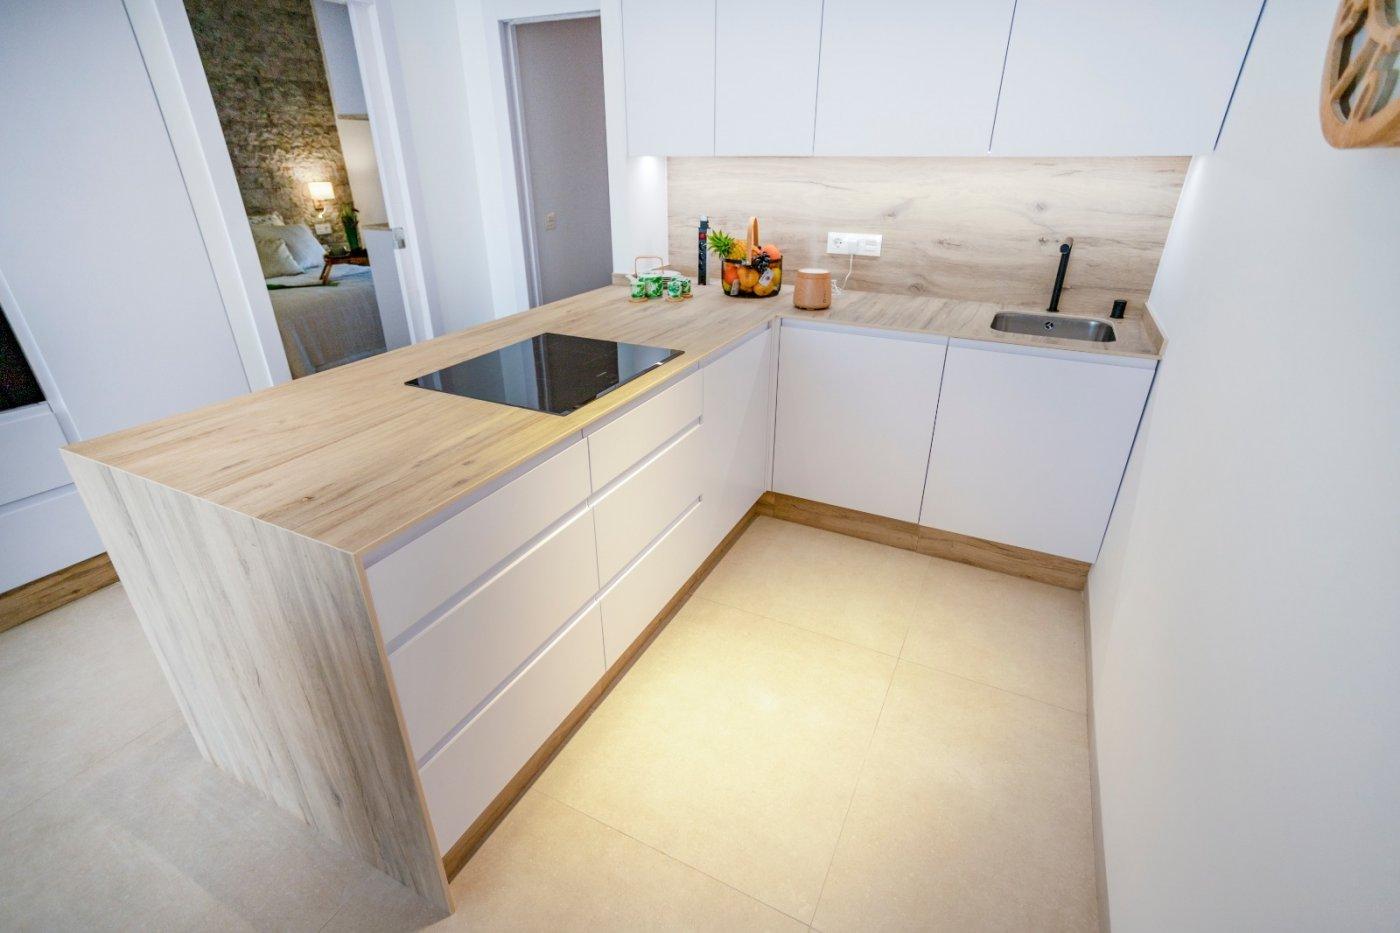 Apartamento moderno en san pedro del pinatar - imagenInmueble10